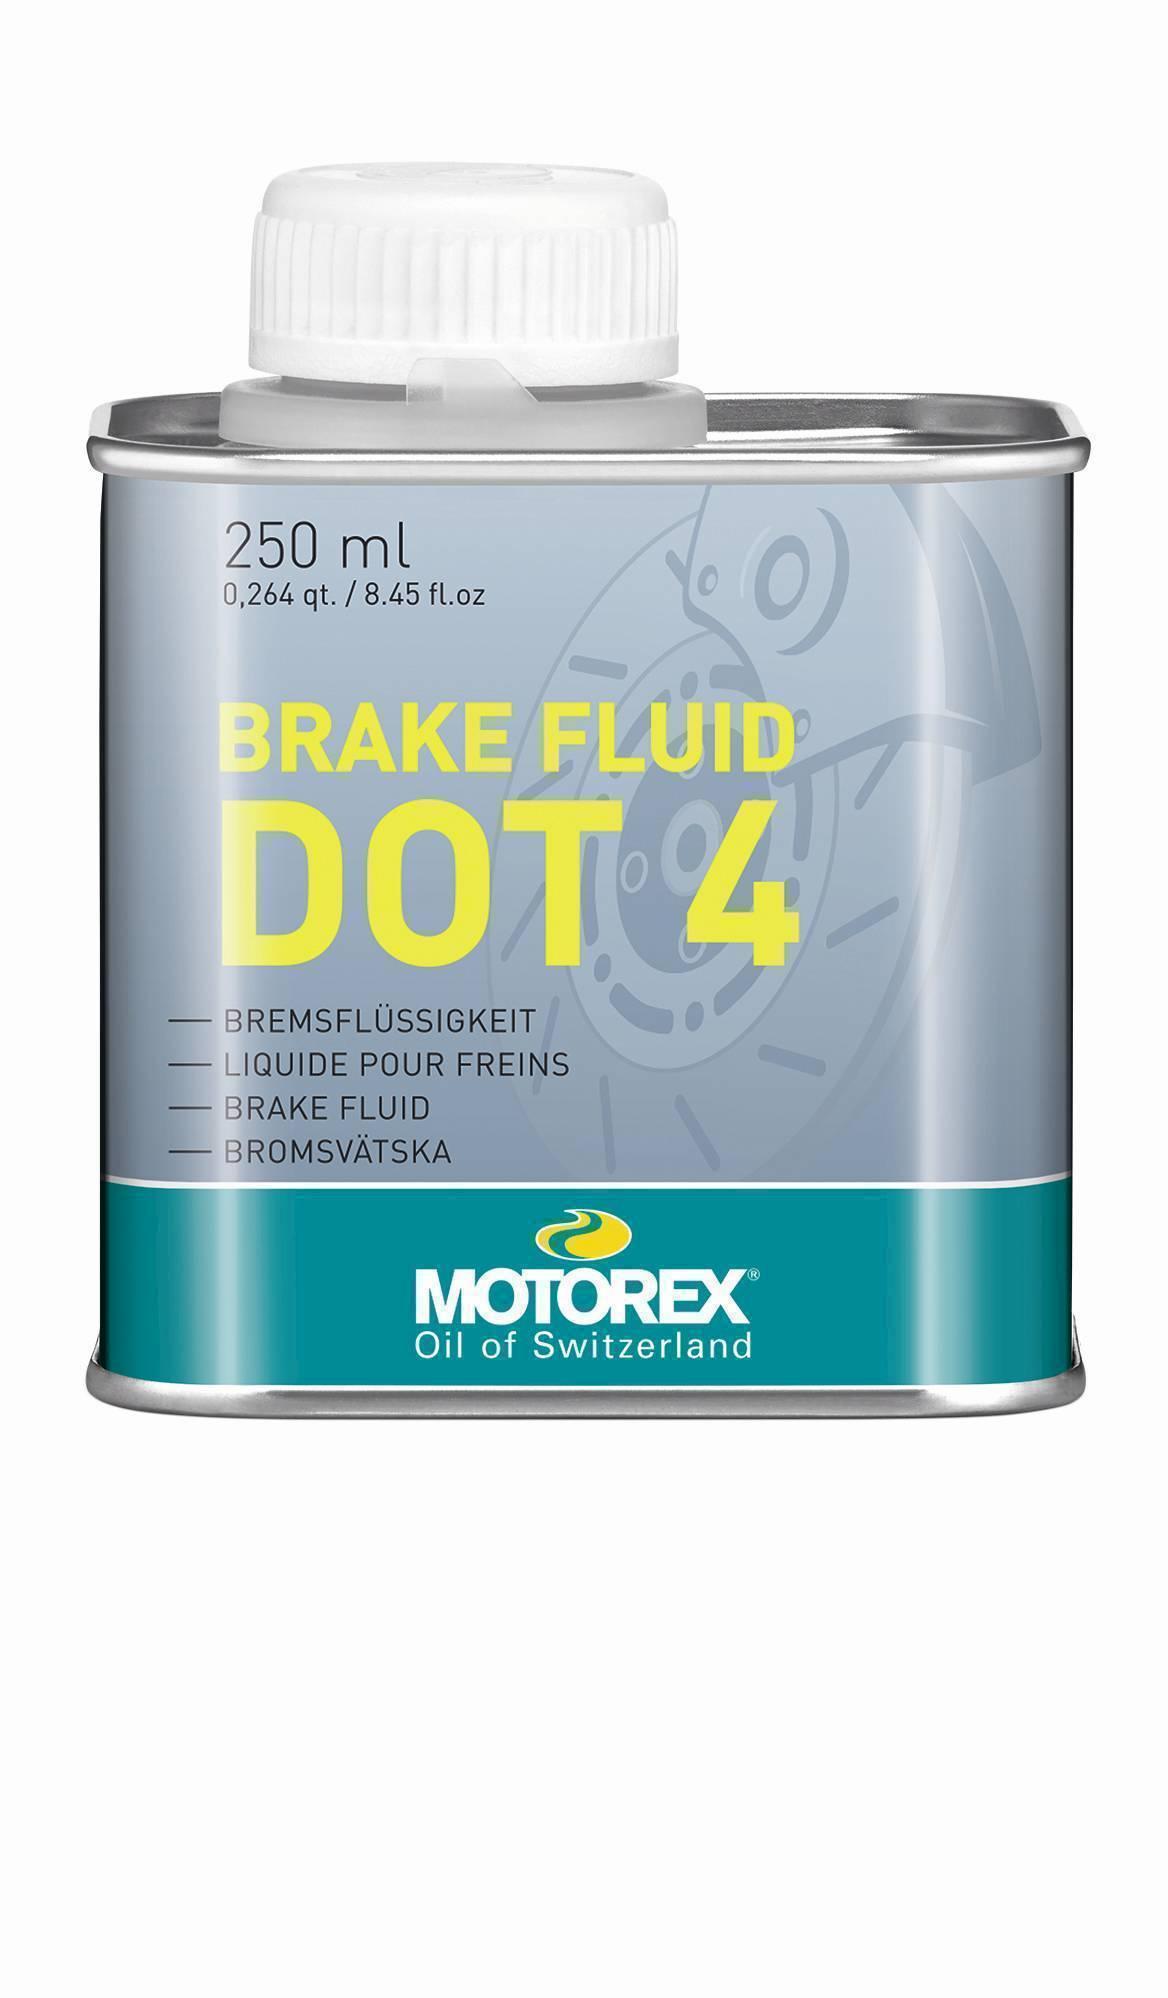 Brzdová kapalina MOTOREX BRAKE FLUID DOT 4, 250 ml